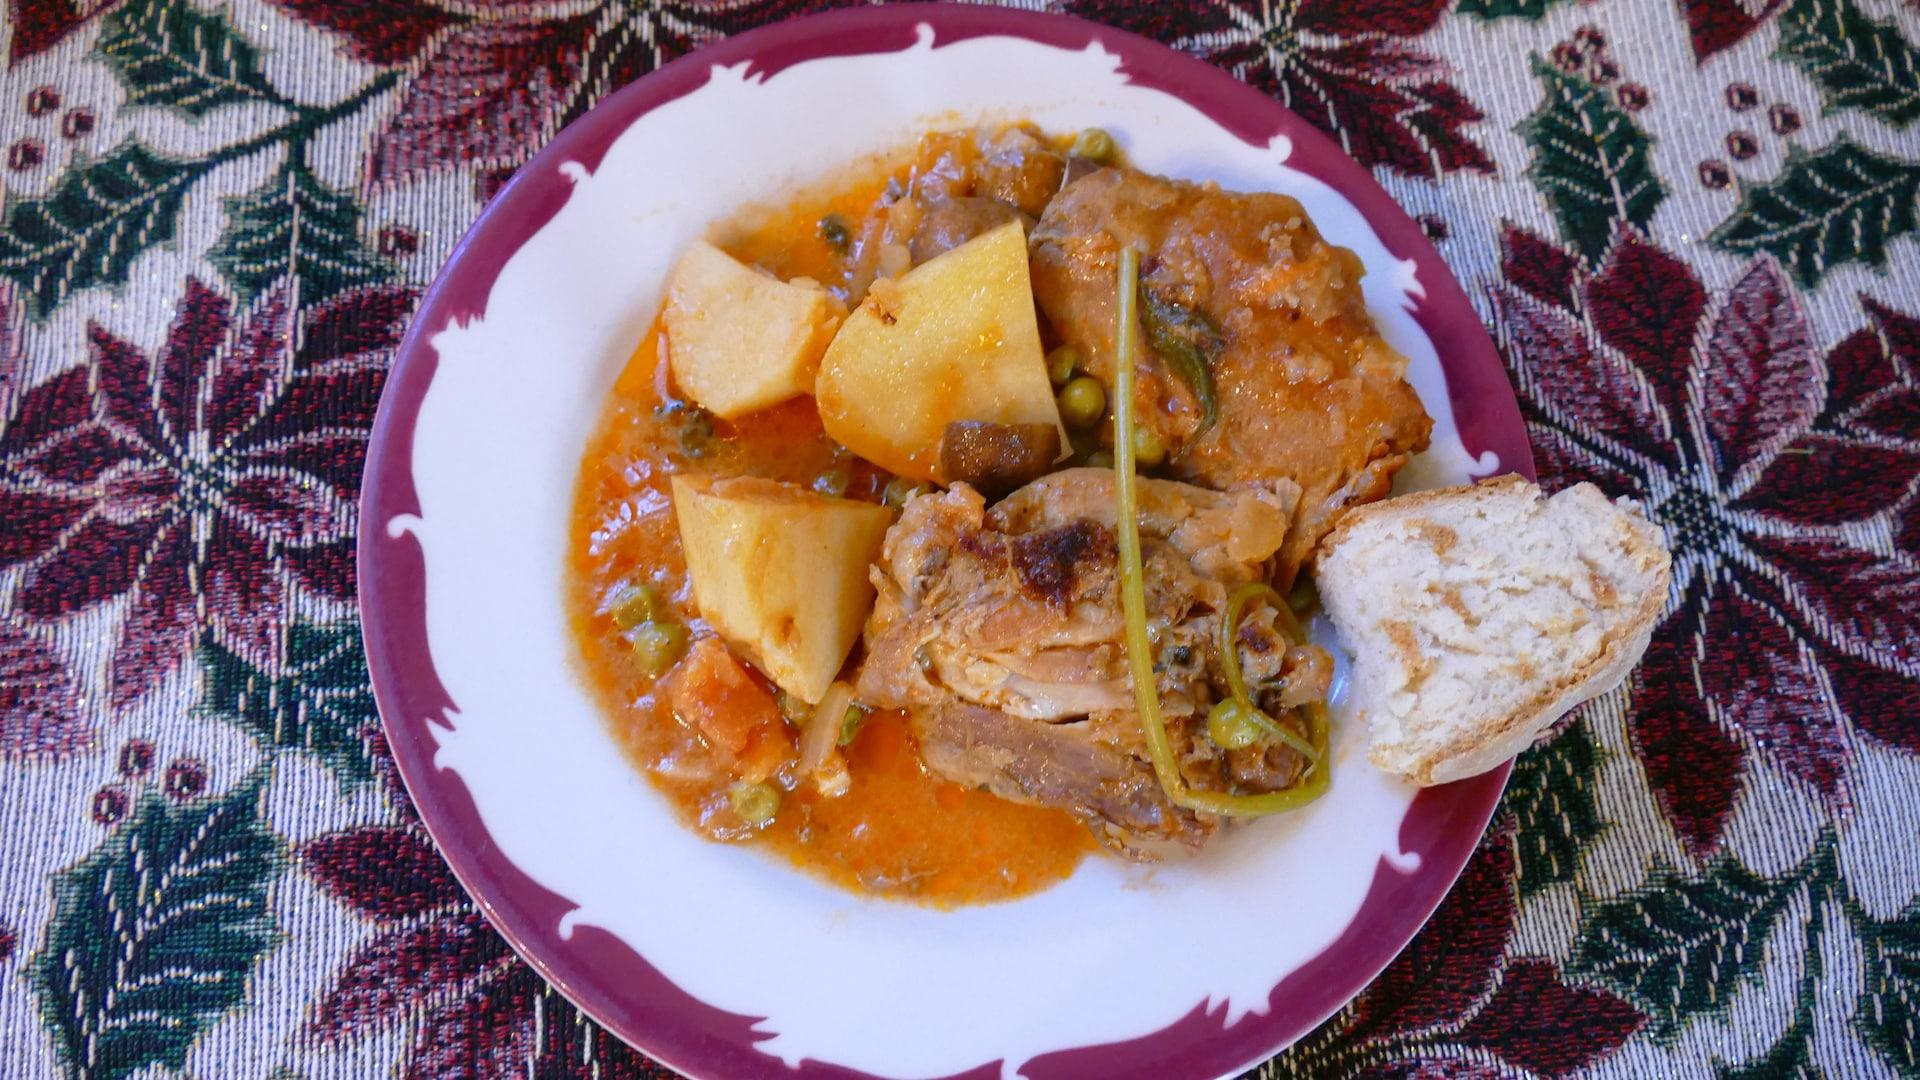 Une assiette de pommes de terre et de poulet en sauce est déposée sur une nappe avec des fleurs.